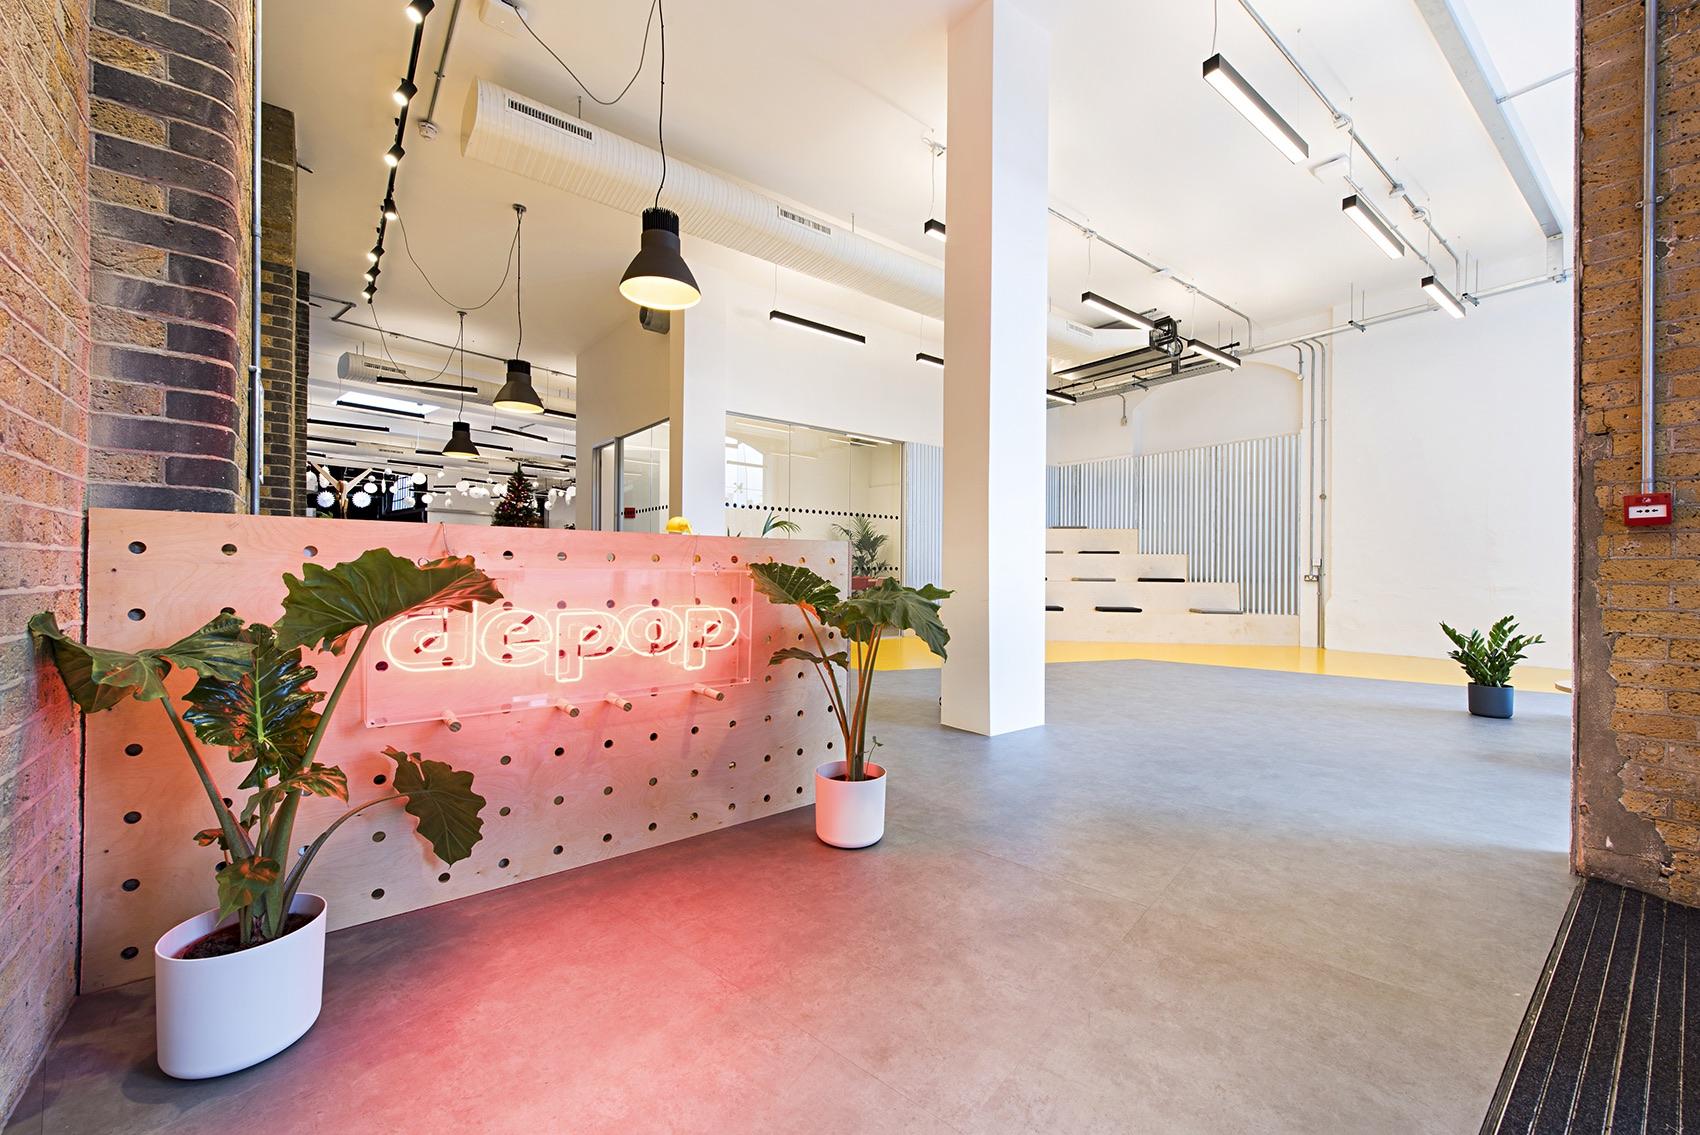 depop-london-office-8